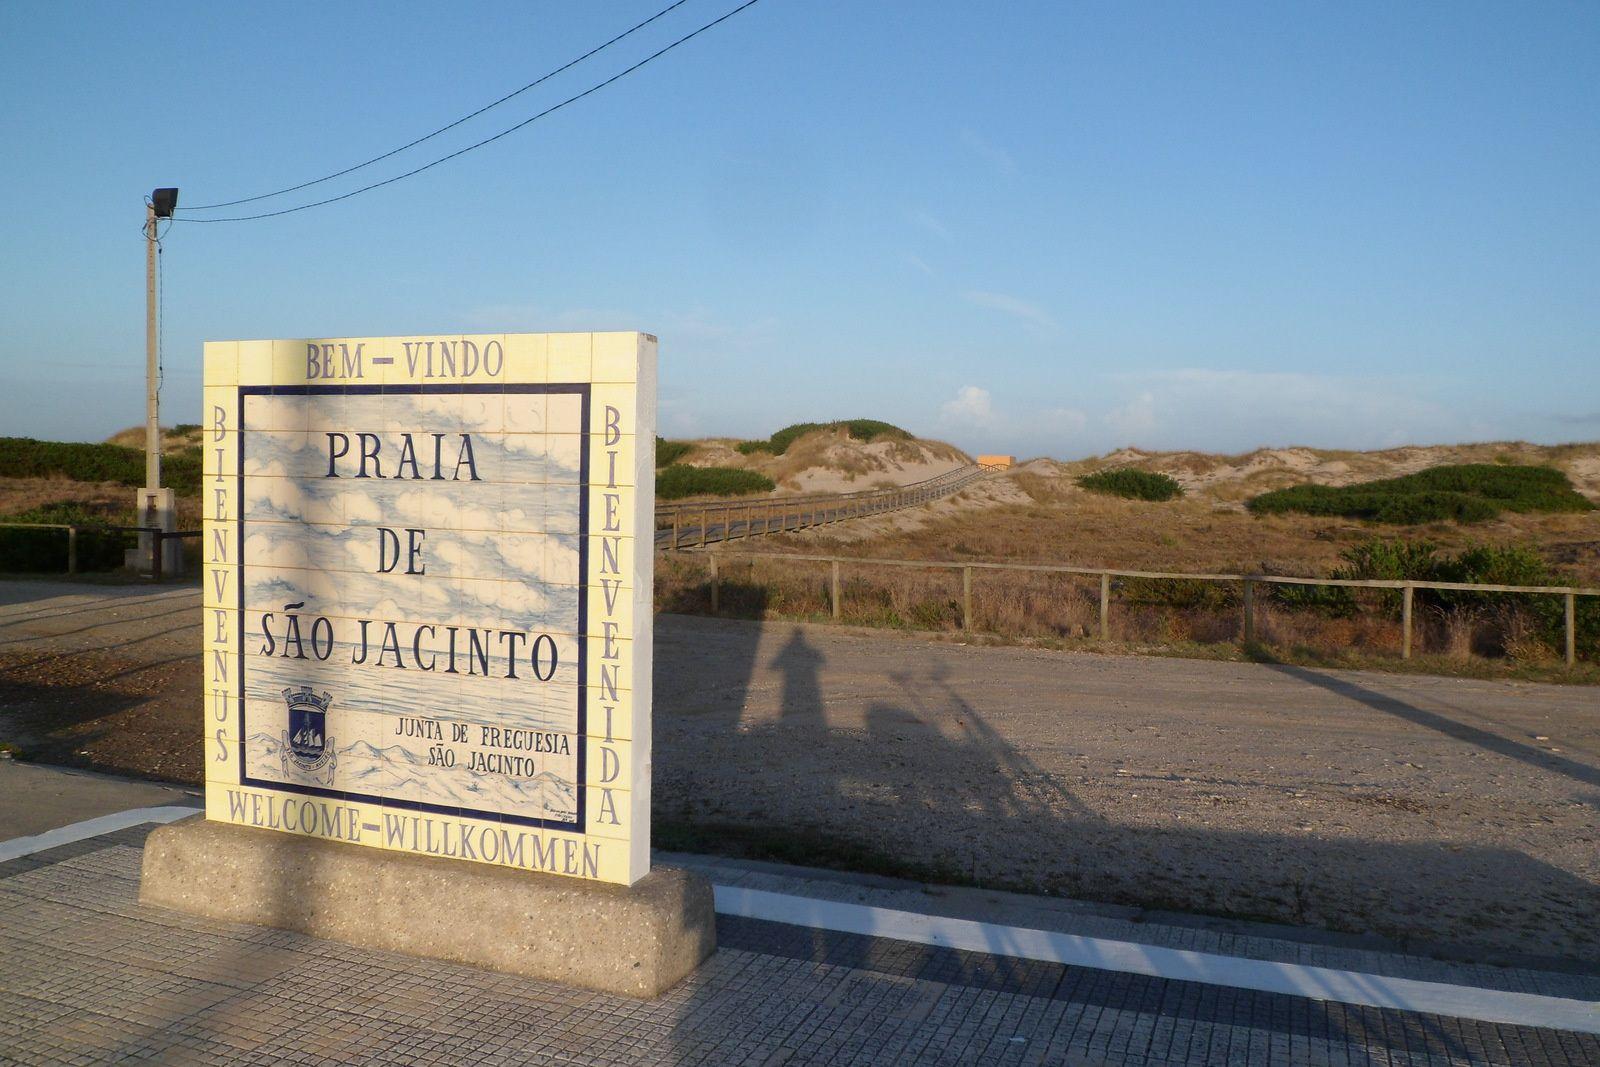 sur le bateau, je discute avec un portugais qui me recommande de camper près de la plage de sao jacinto, ce que je fais